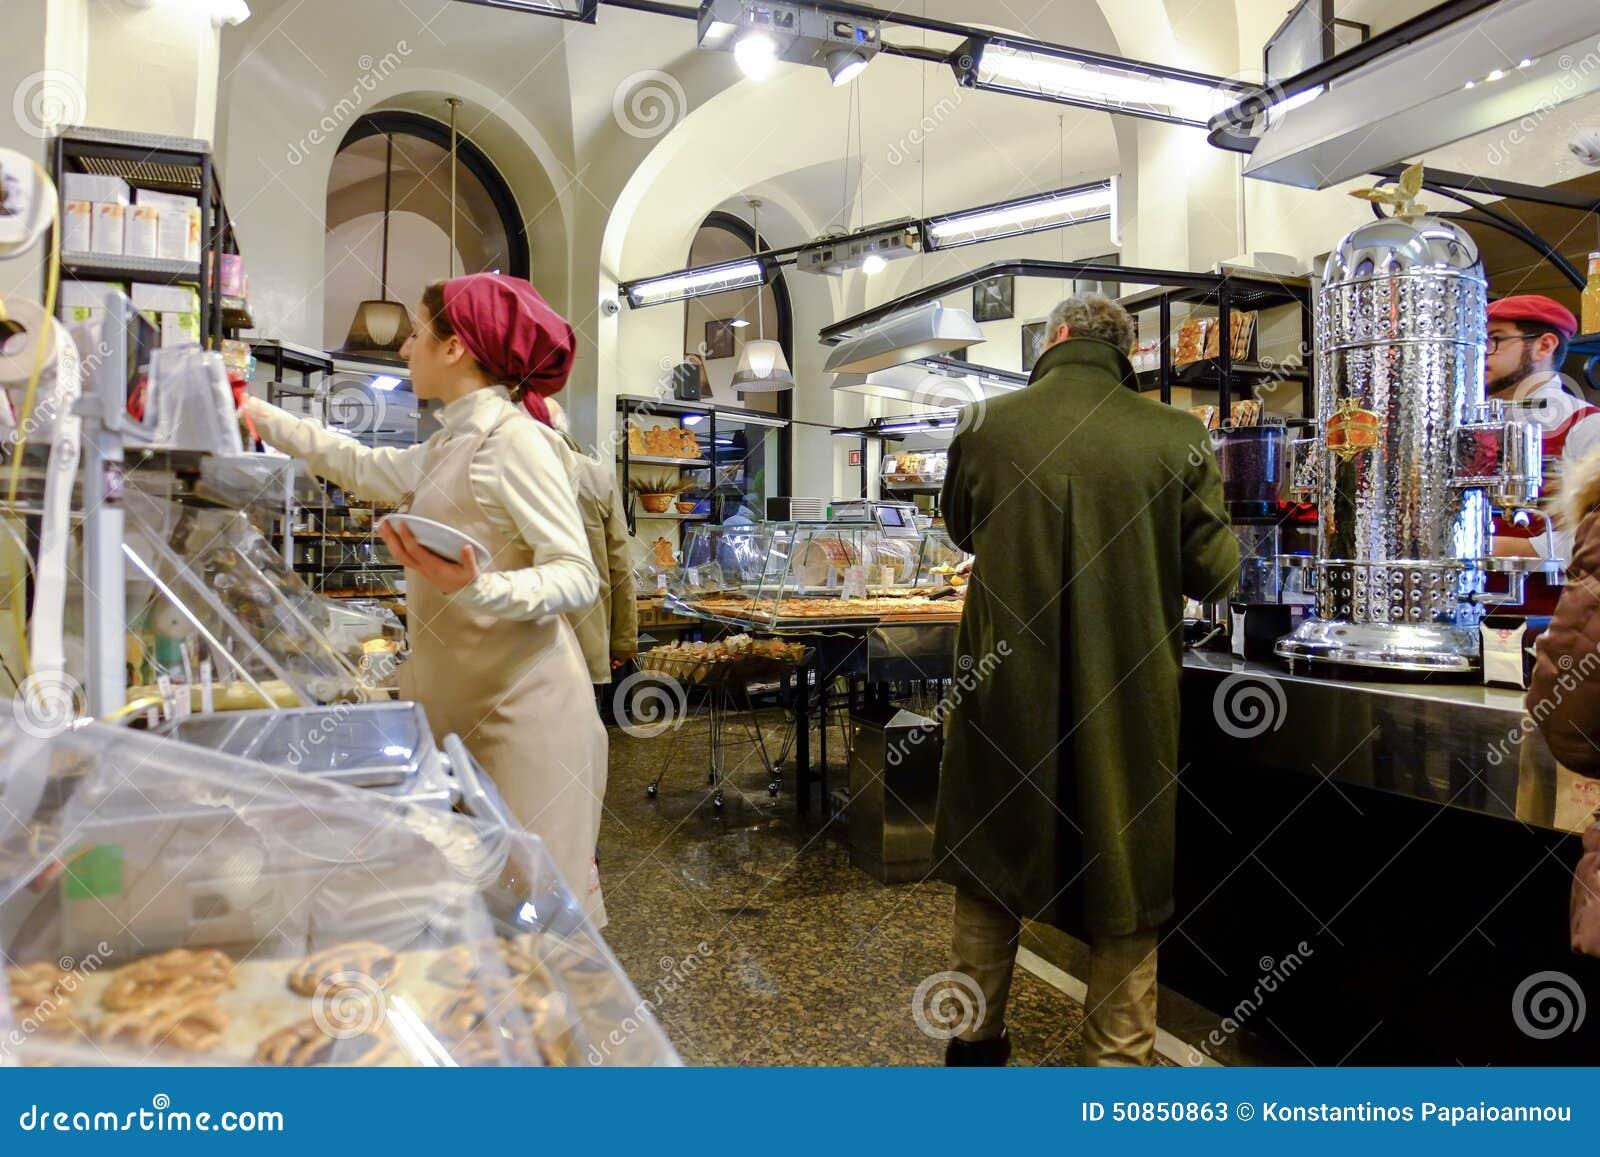 意大利面包店